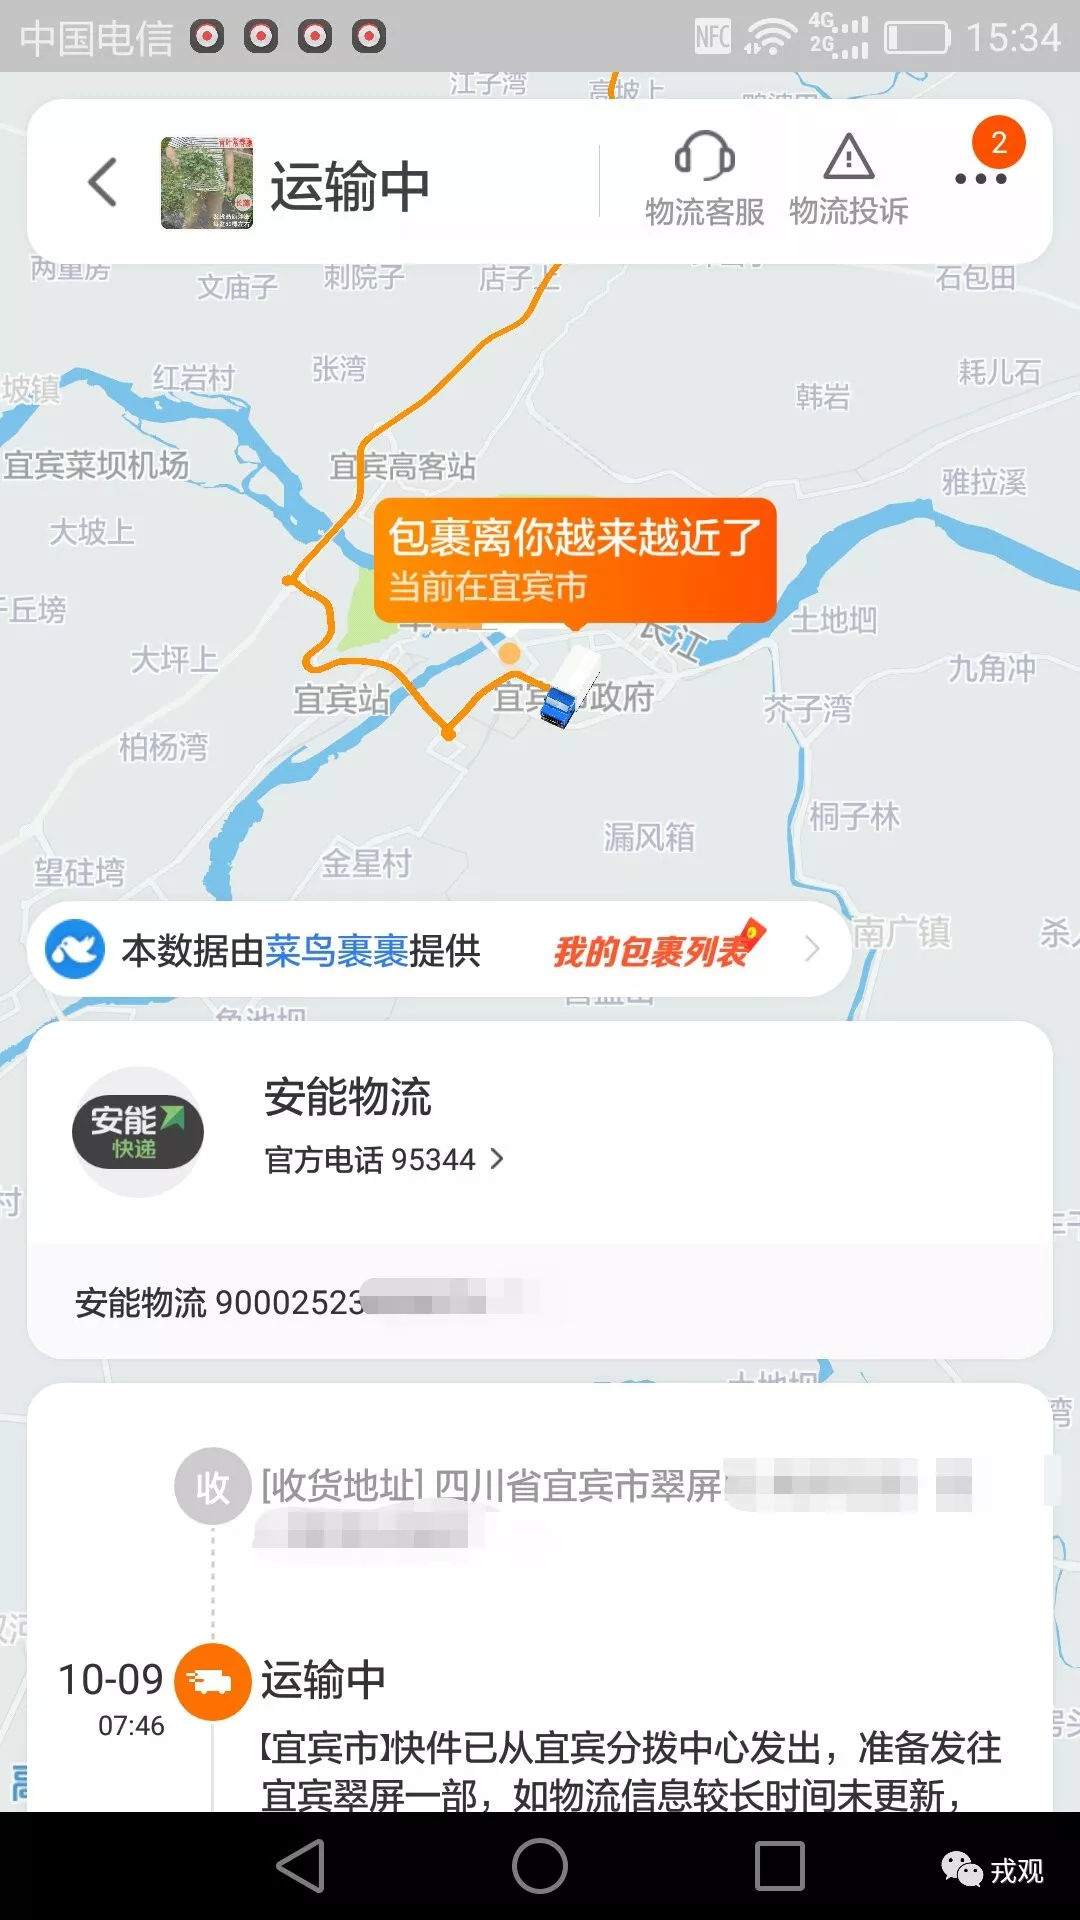 深圳市飞马国际物流有限公司客服部,长途公路运输